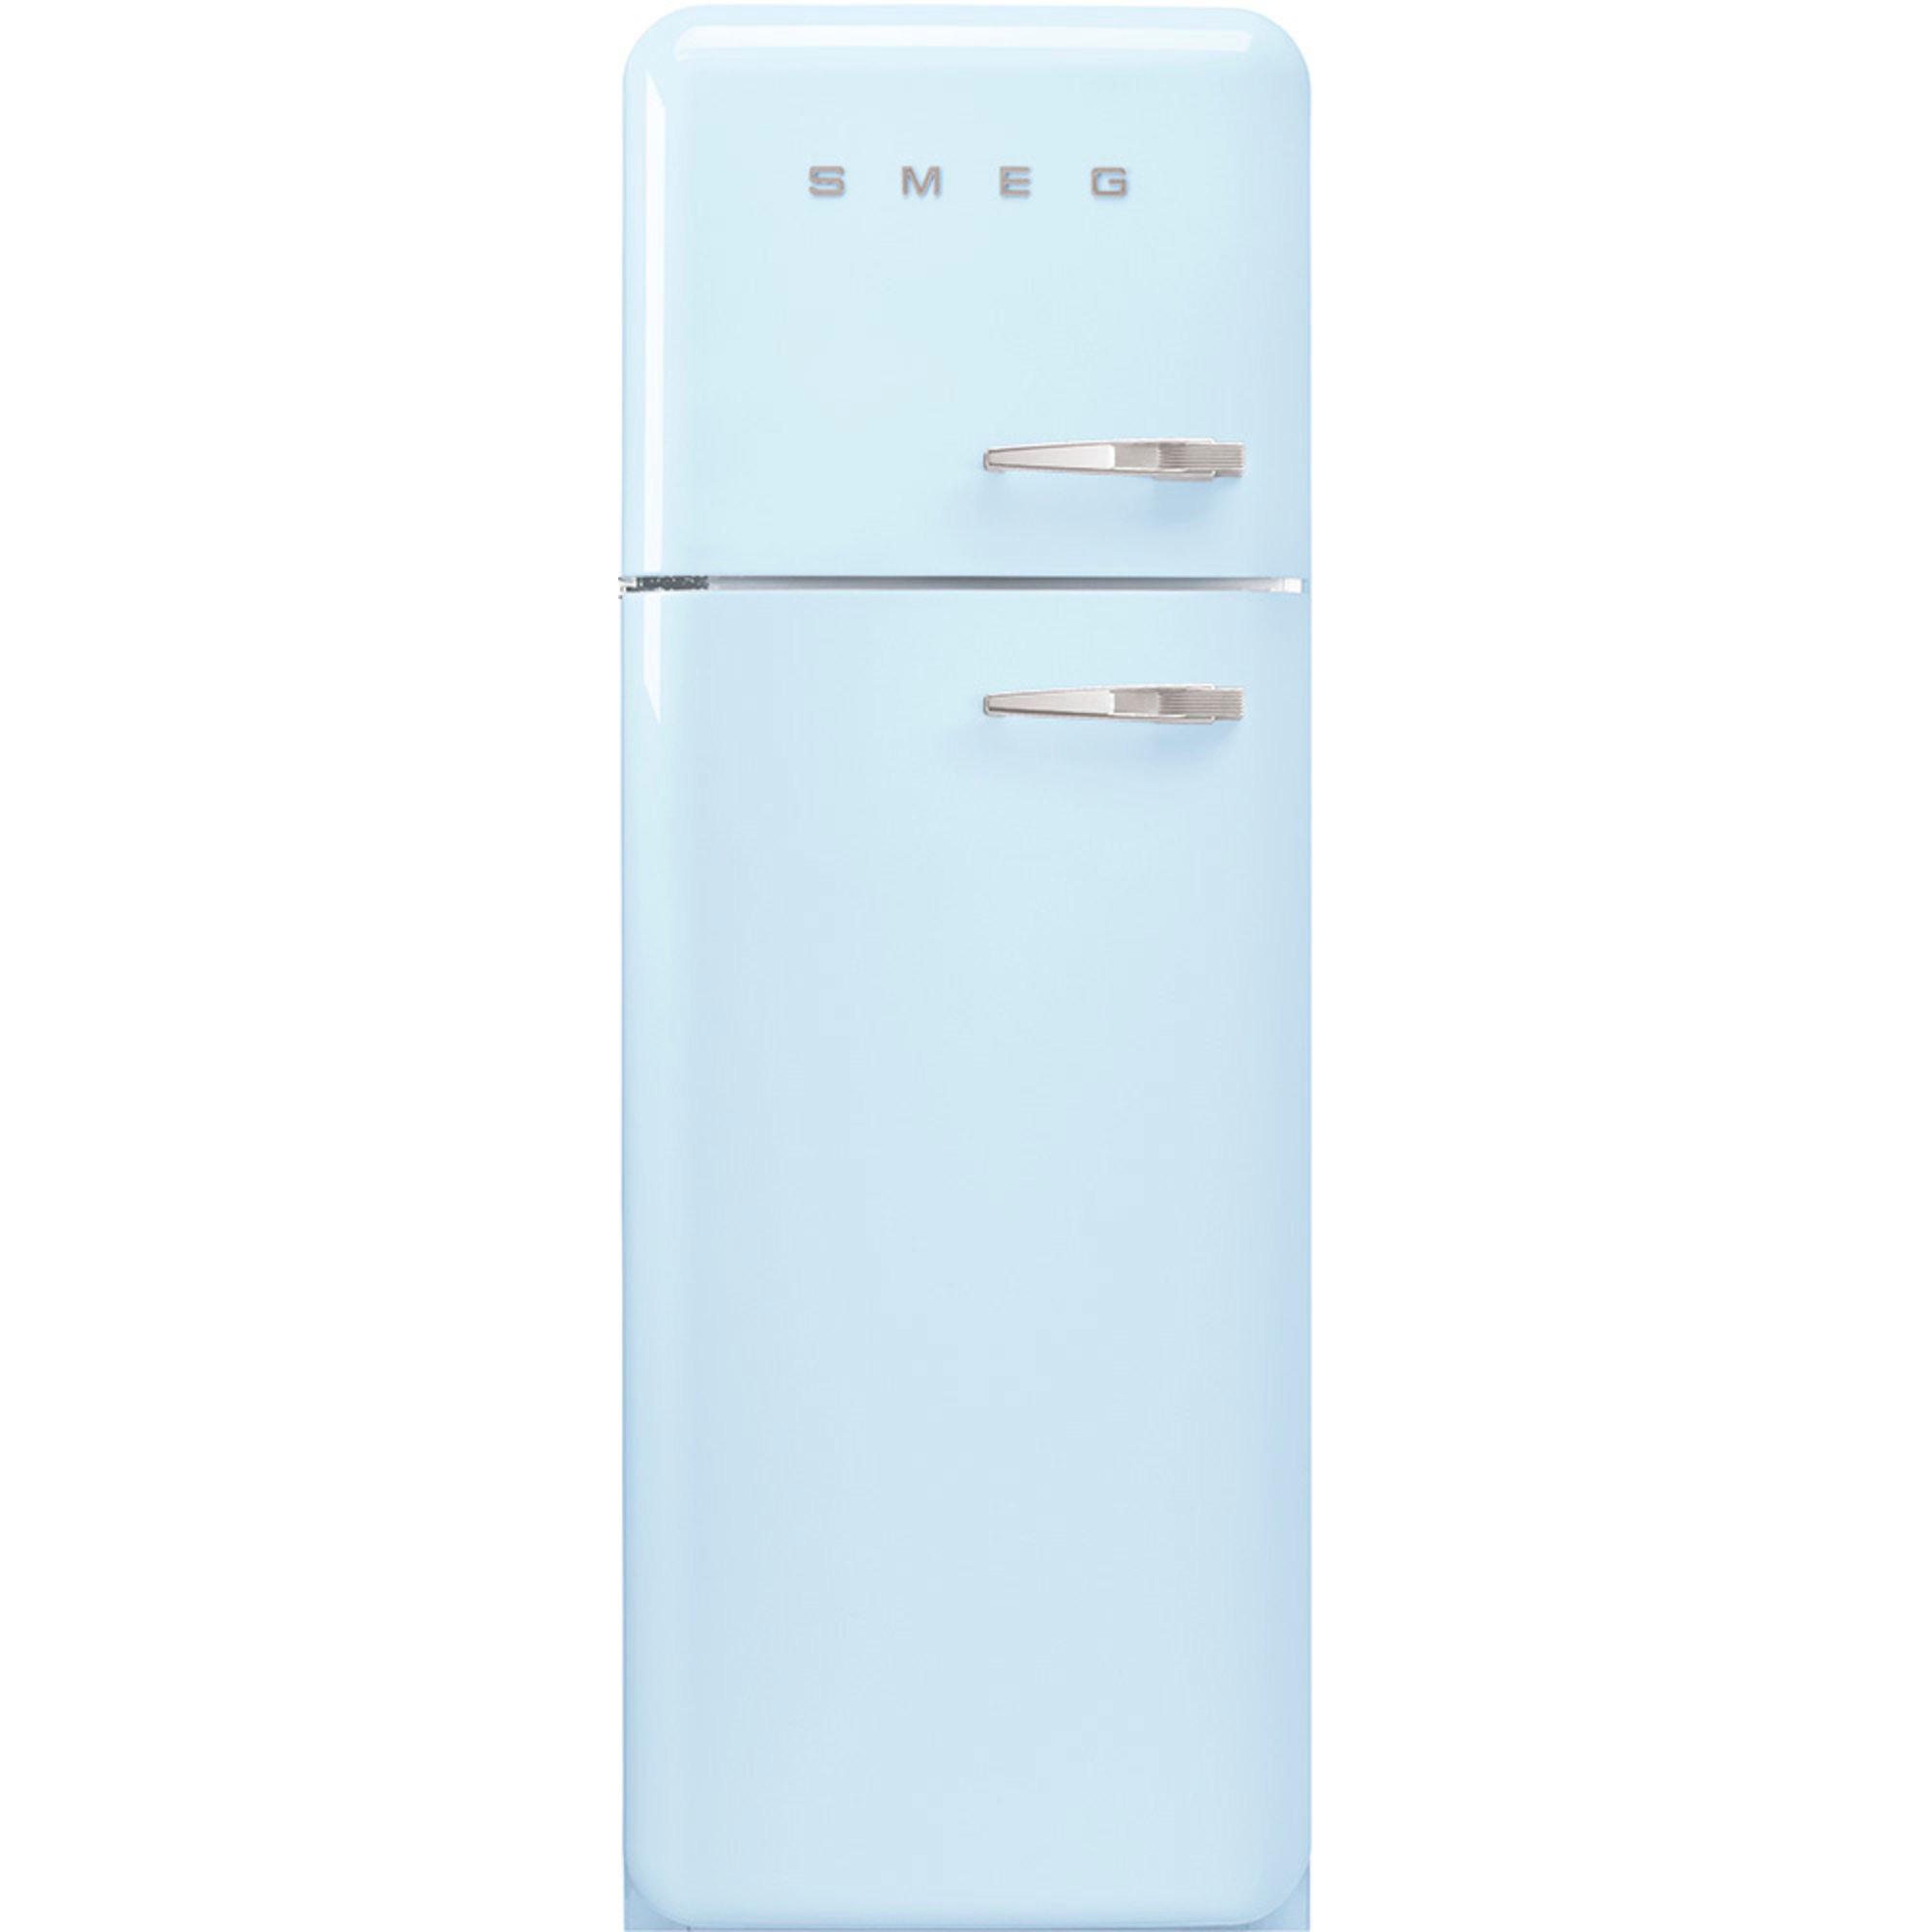 Smeg 172 cm Vänsterhängt kylskåp/frys i 50-tals Retro Design Pastellblå